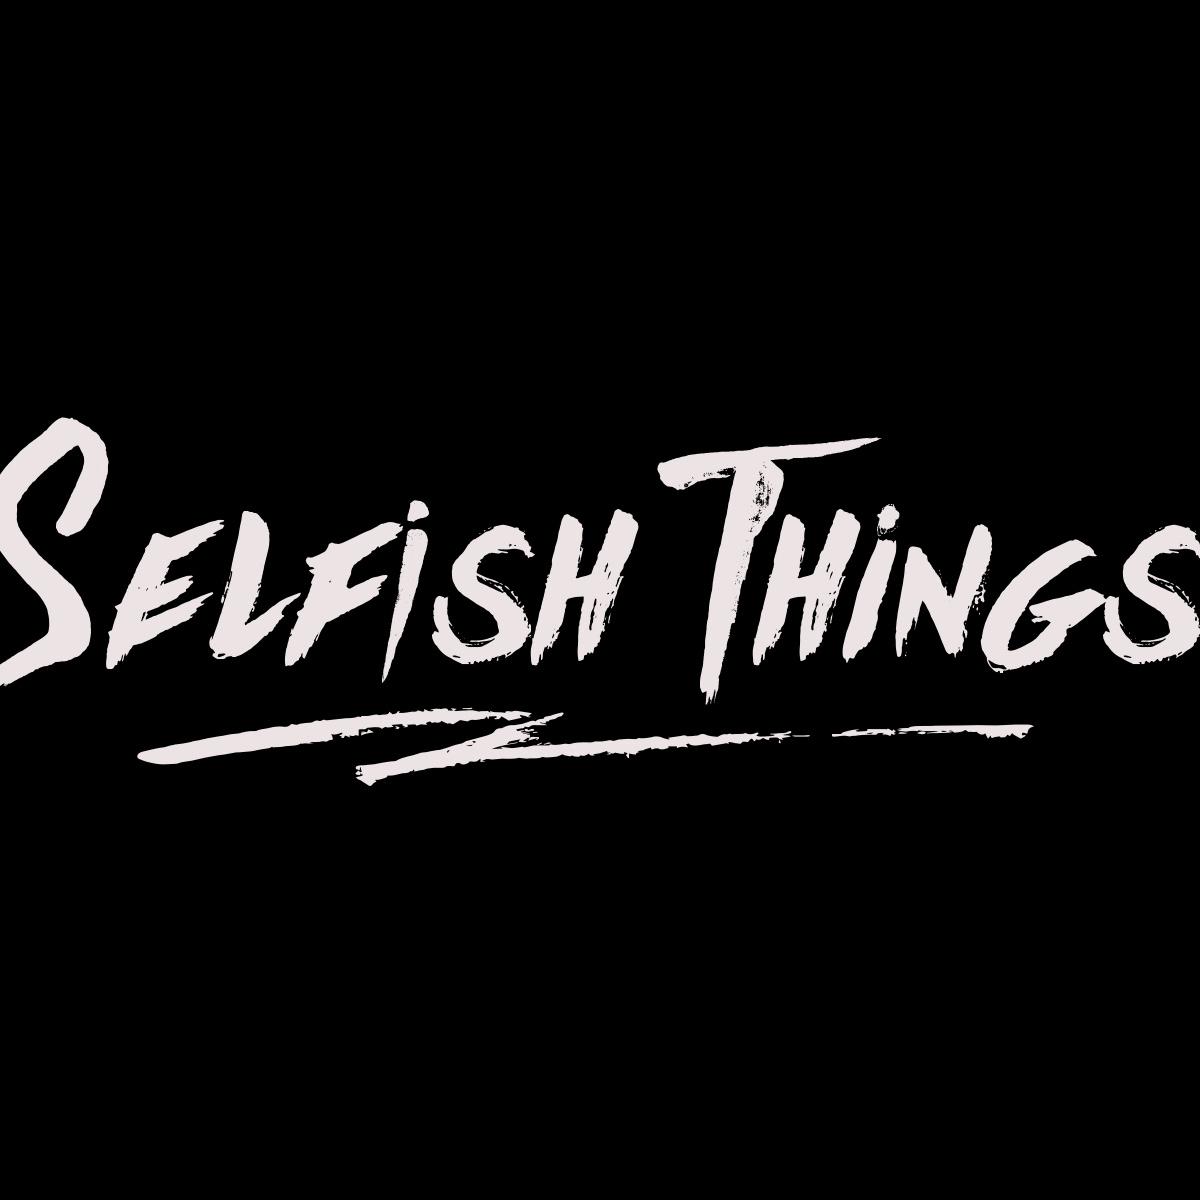 SELFISH THINGS - WE ALL DIE YOUNG      WRITING - PRODUCING - ENGINEERING